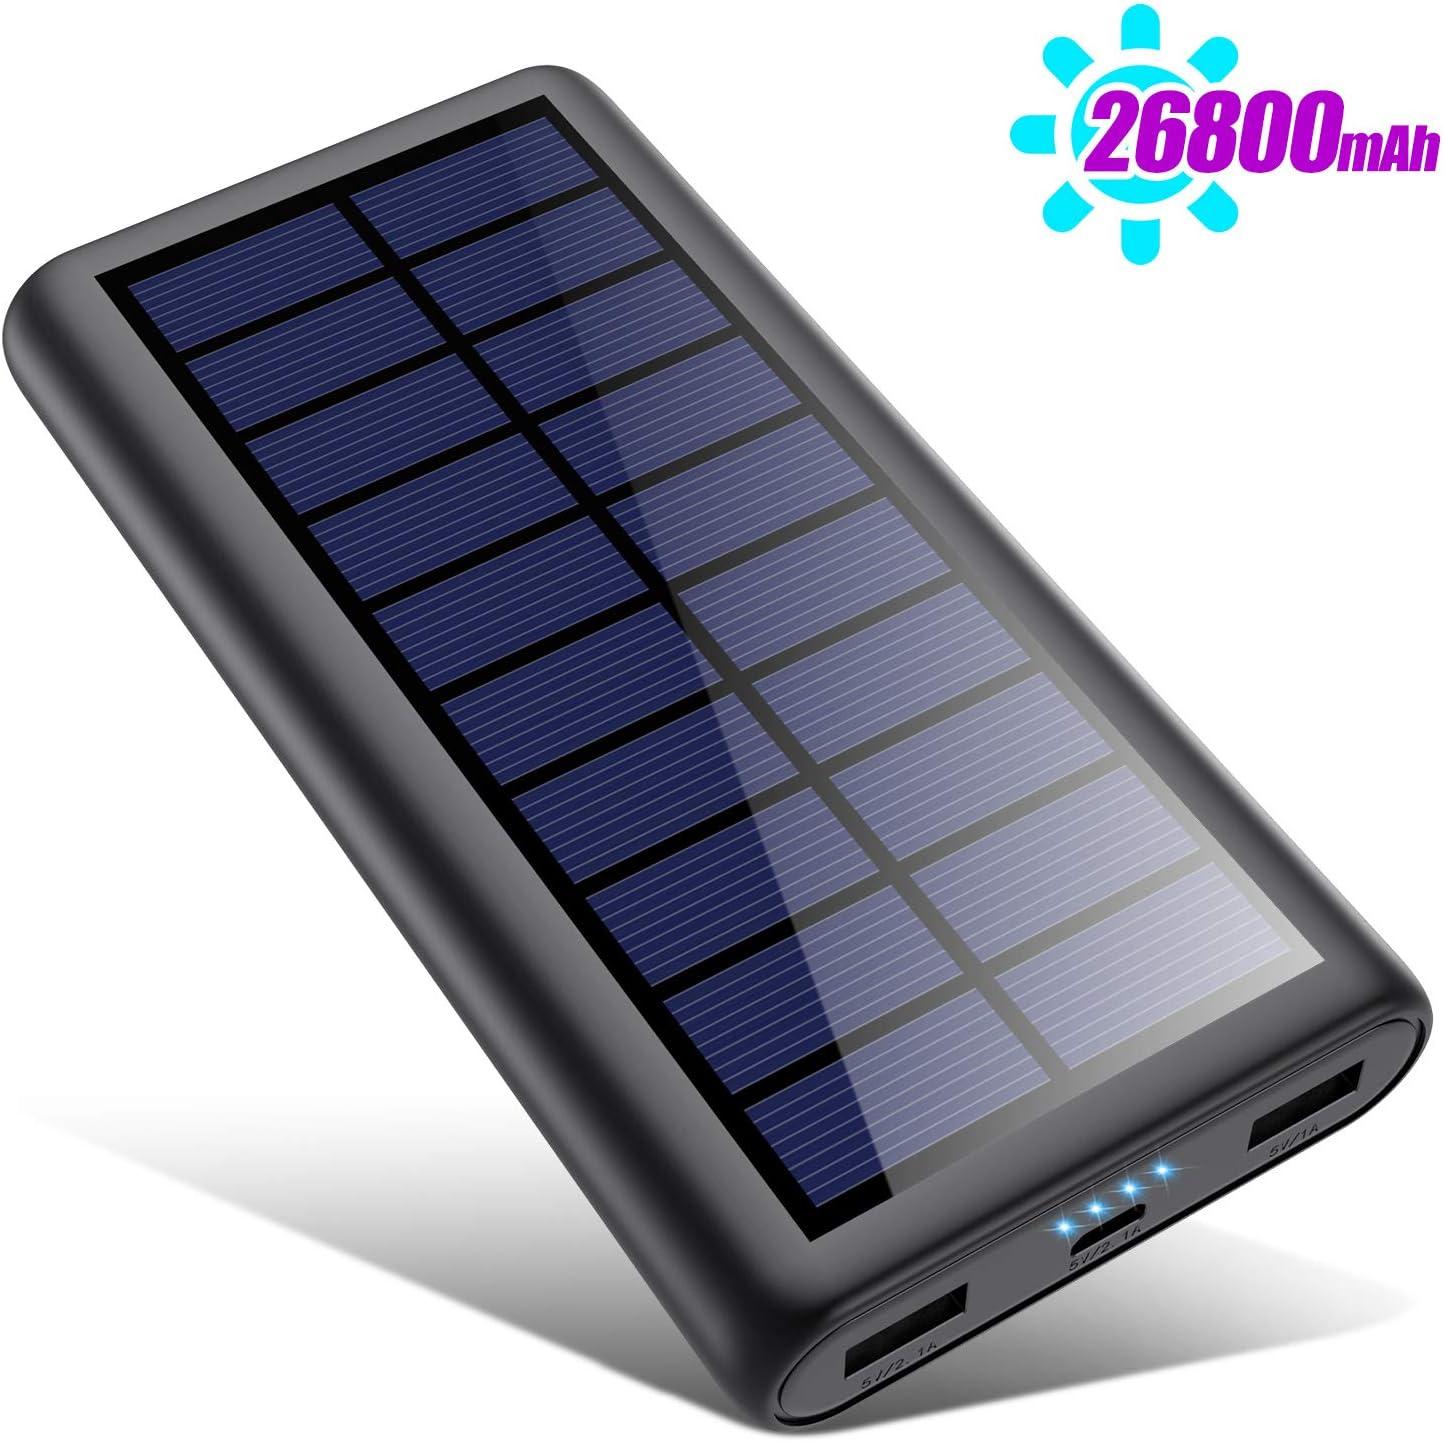 Power Bank Chargeur à Induction sans Fil Solaire 26800mAh, 3